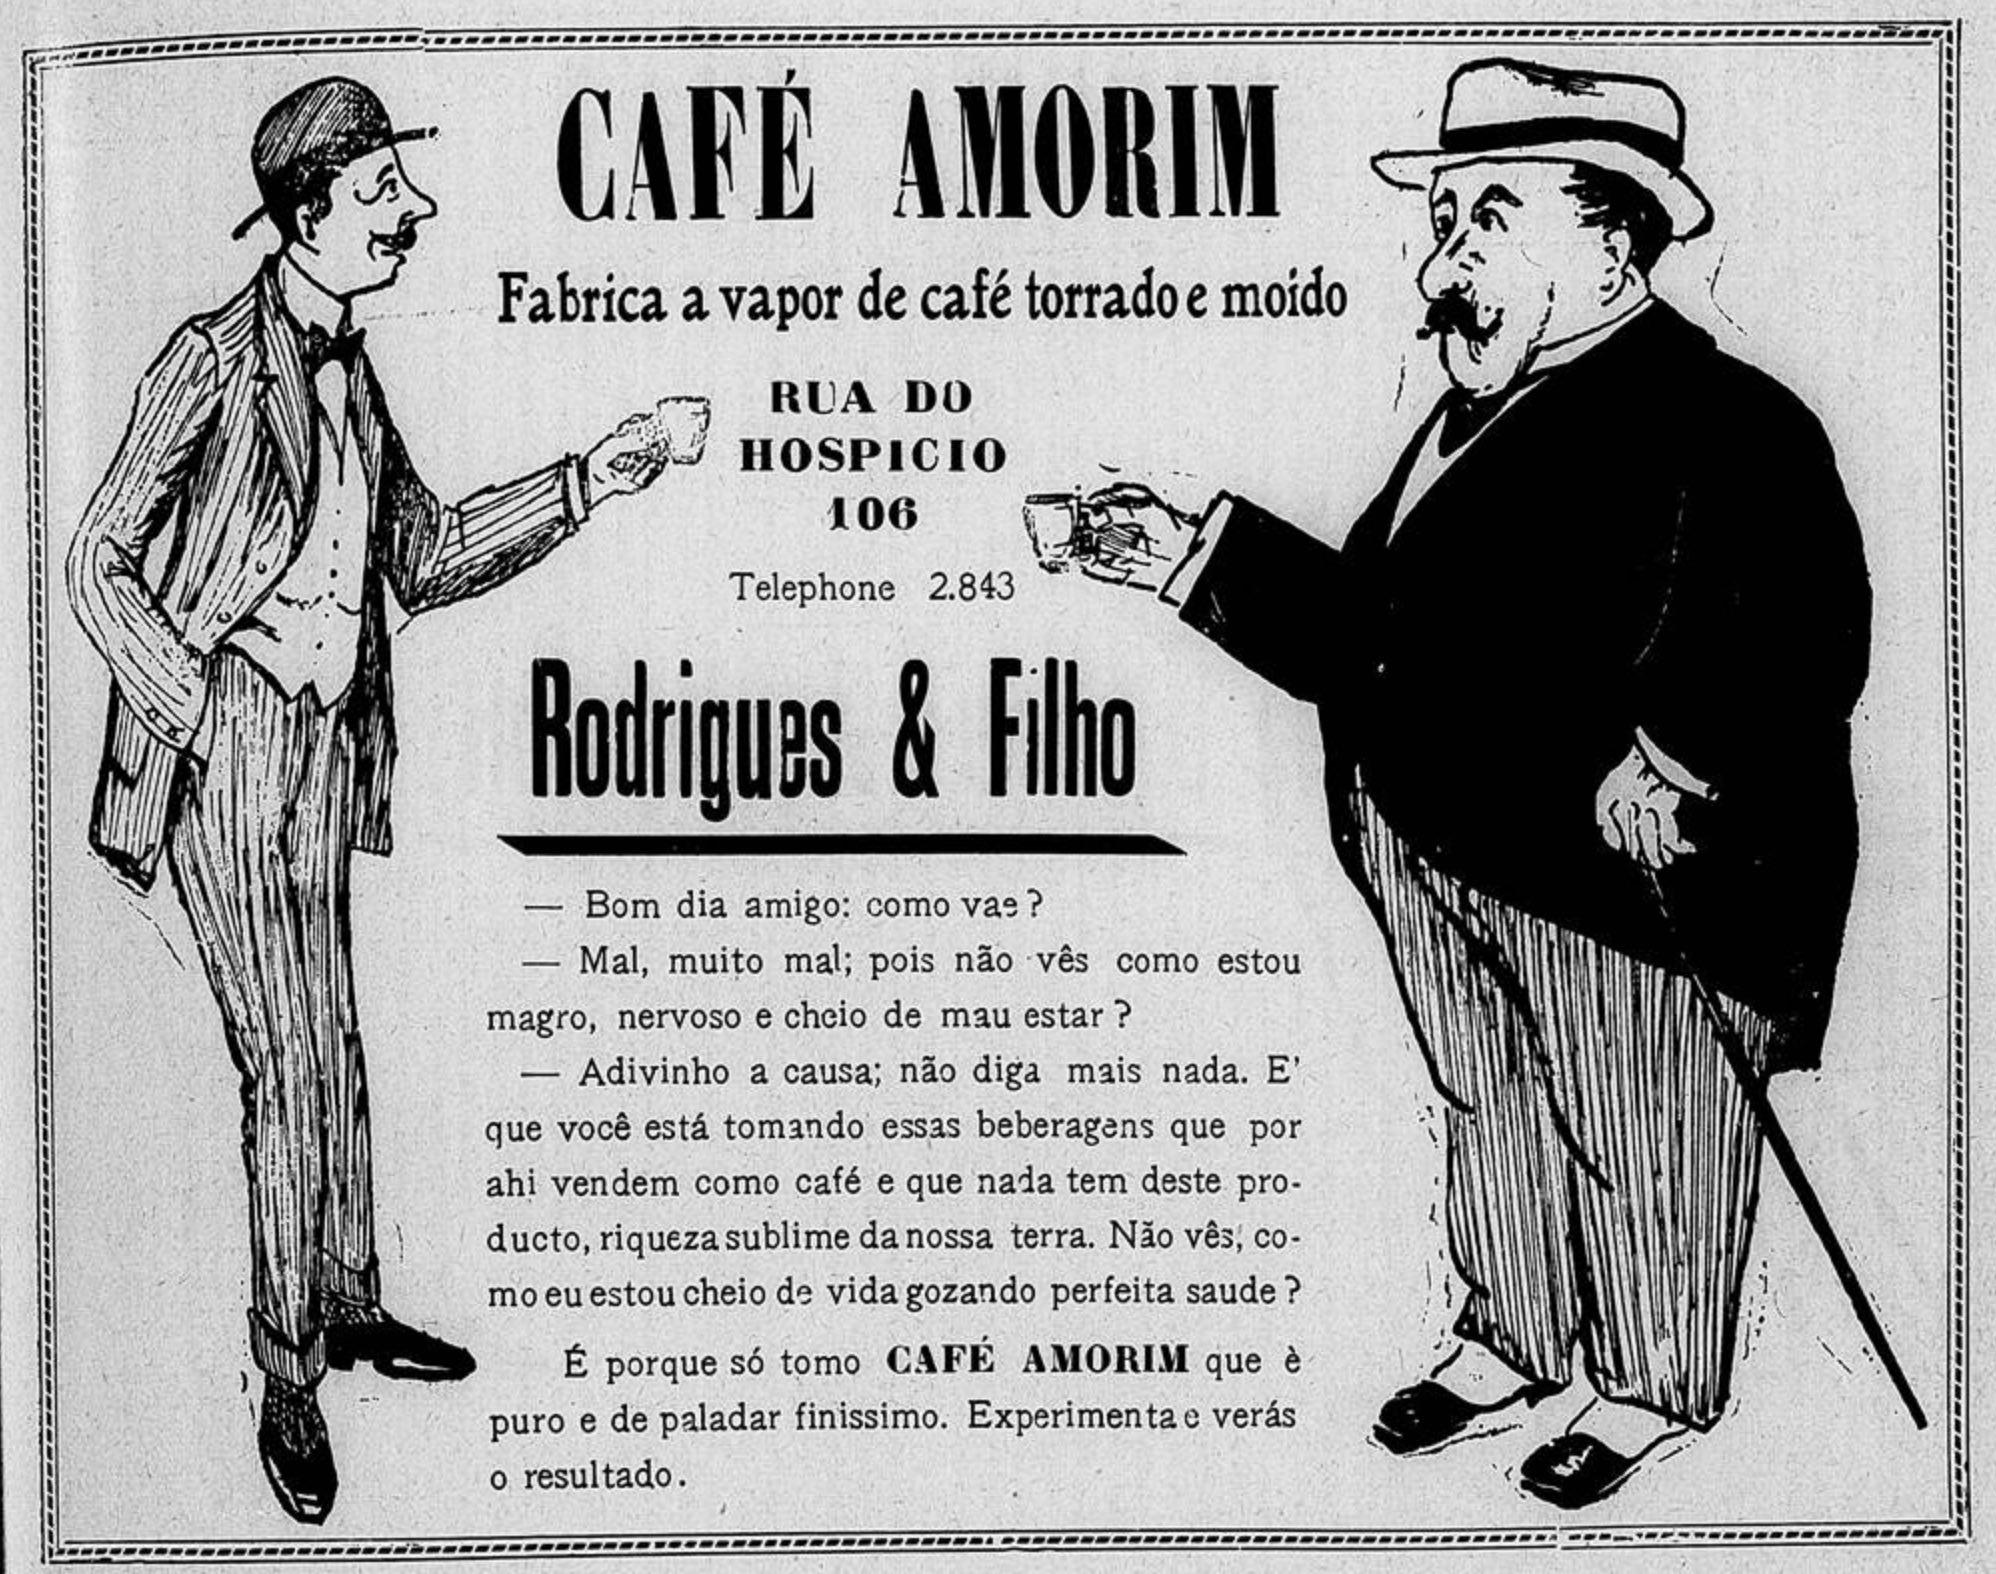 Anúncio veiculado no ano de 1915 que promovia o Café Amorim